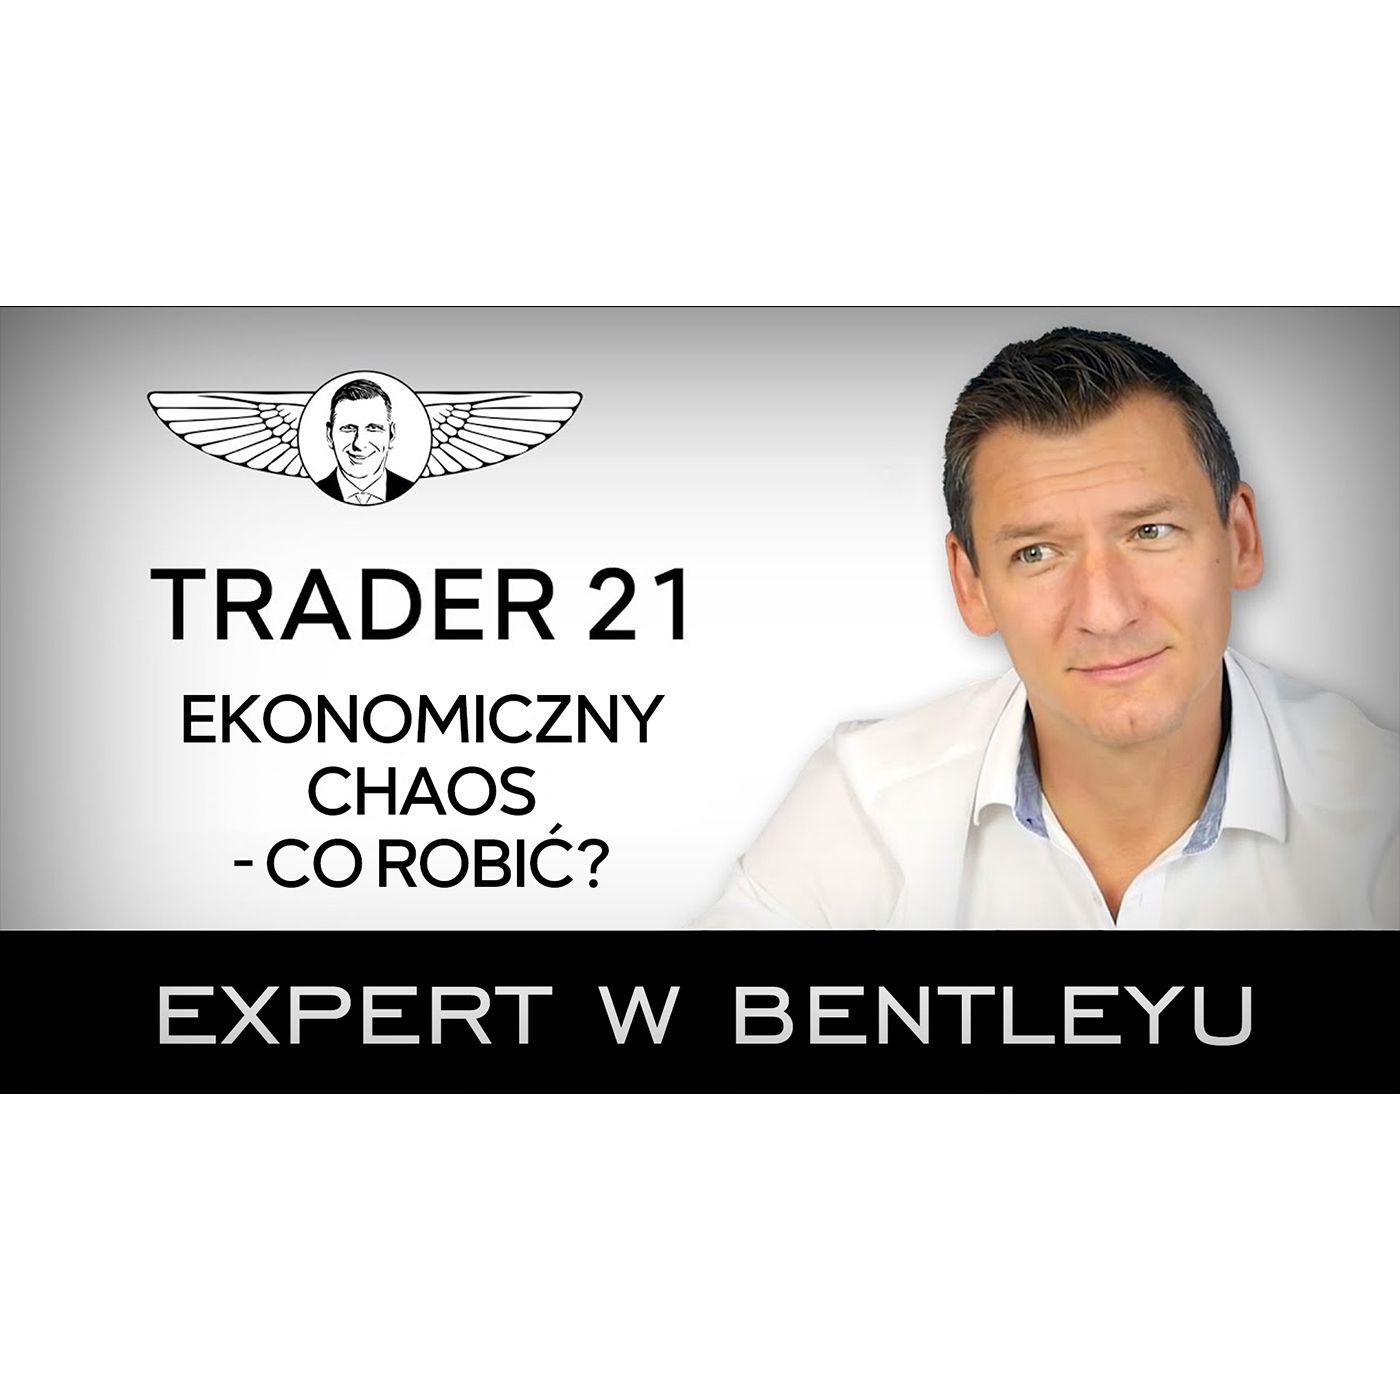 Inflacja + Inwestycje + Kryzys + Nowa Normalność. Trader21 [Expert w Bentleyu]